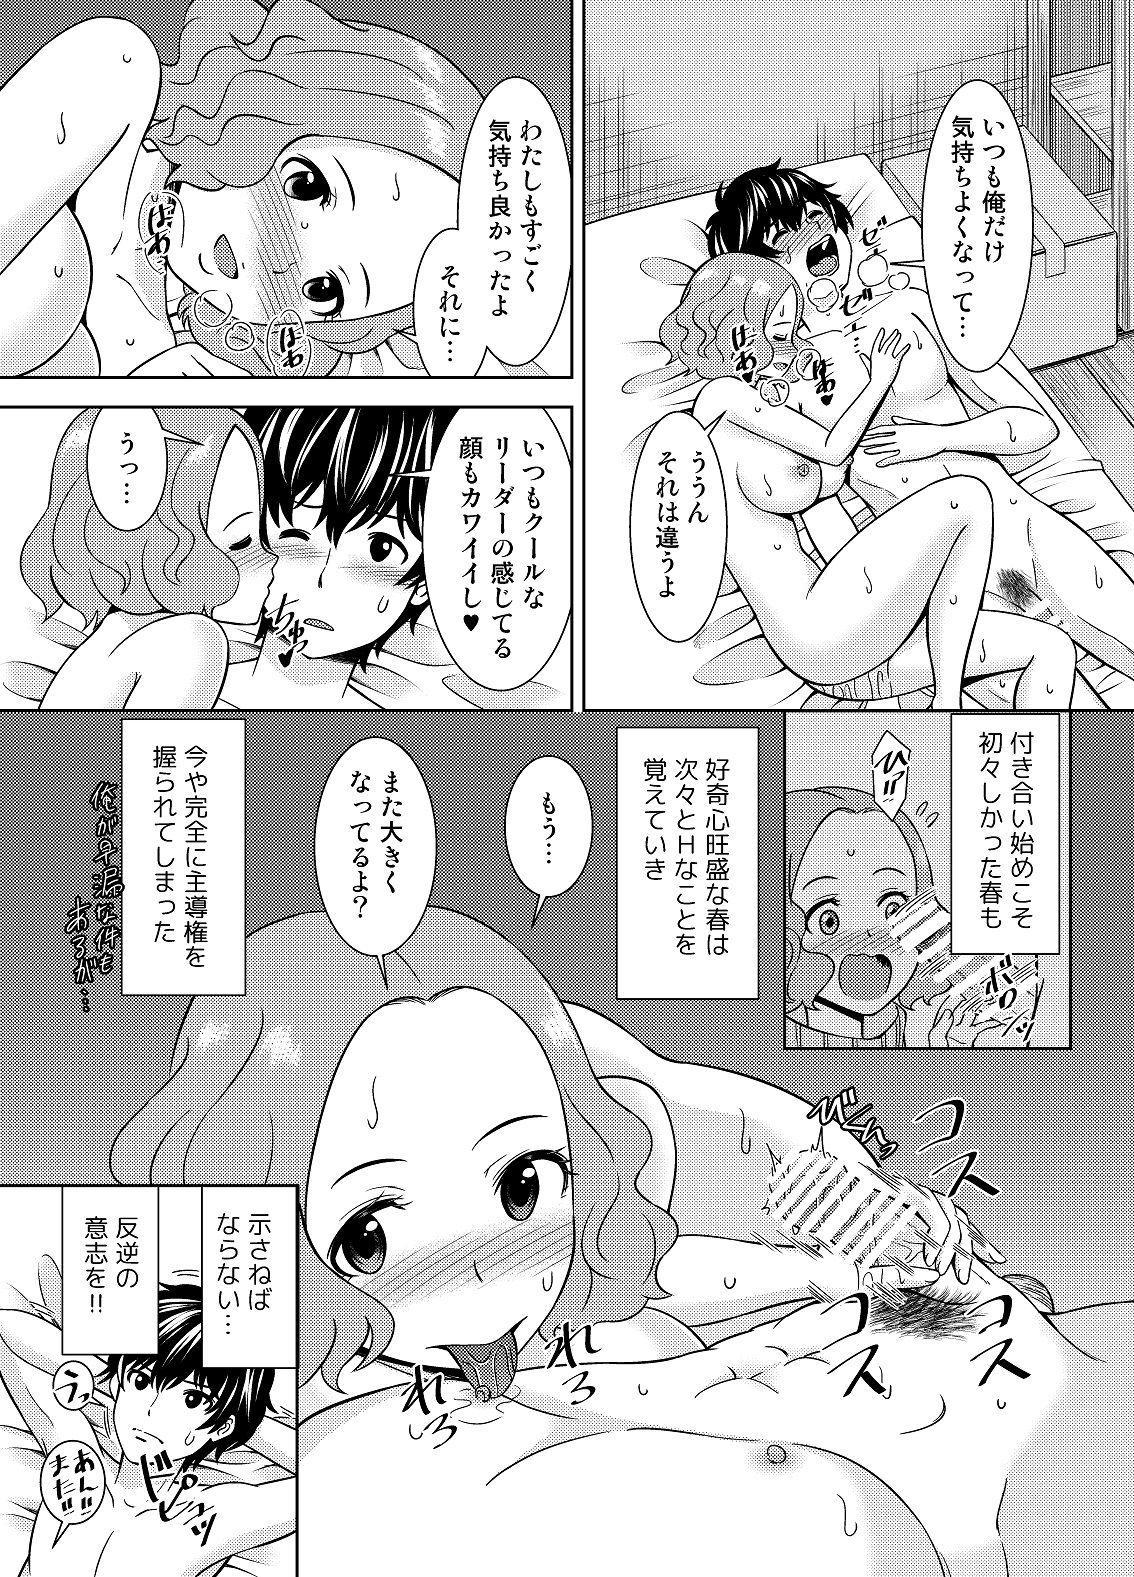 Have Kokoro of the Haru 4